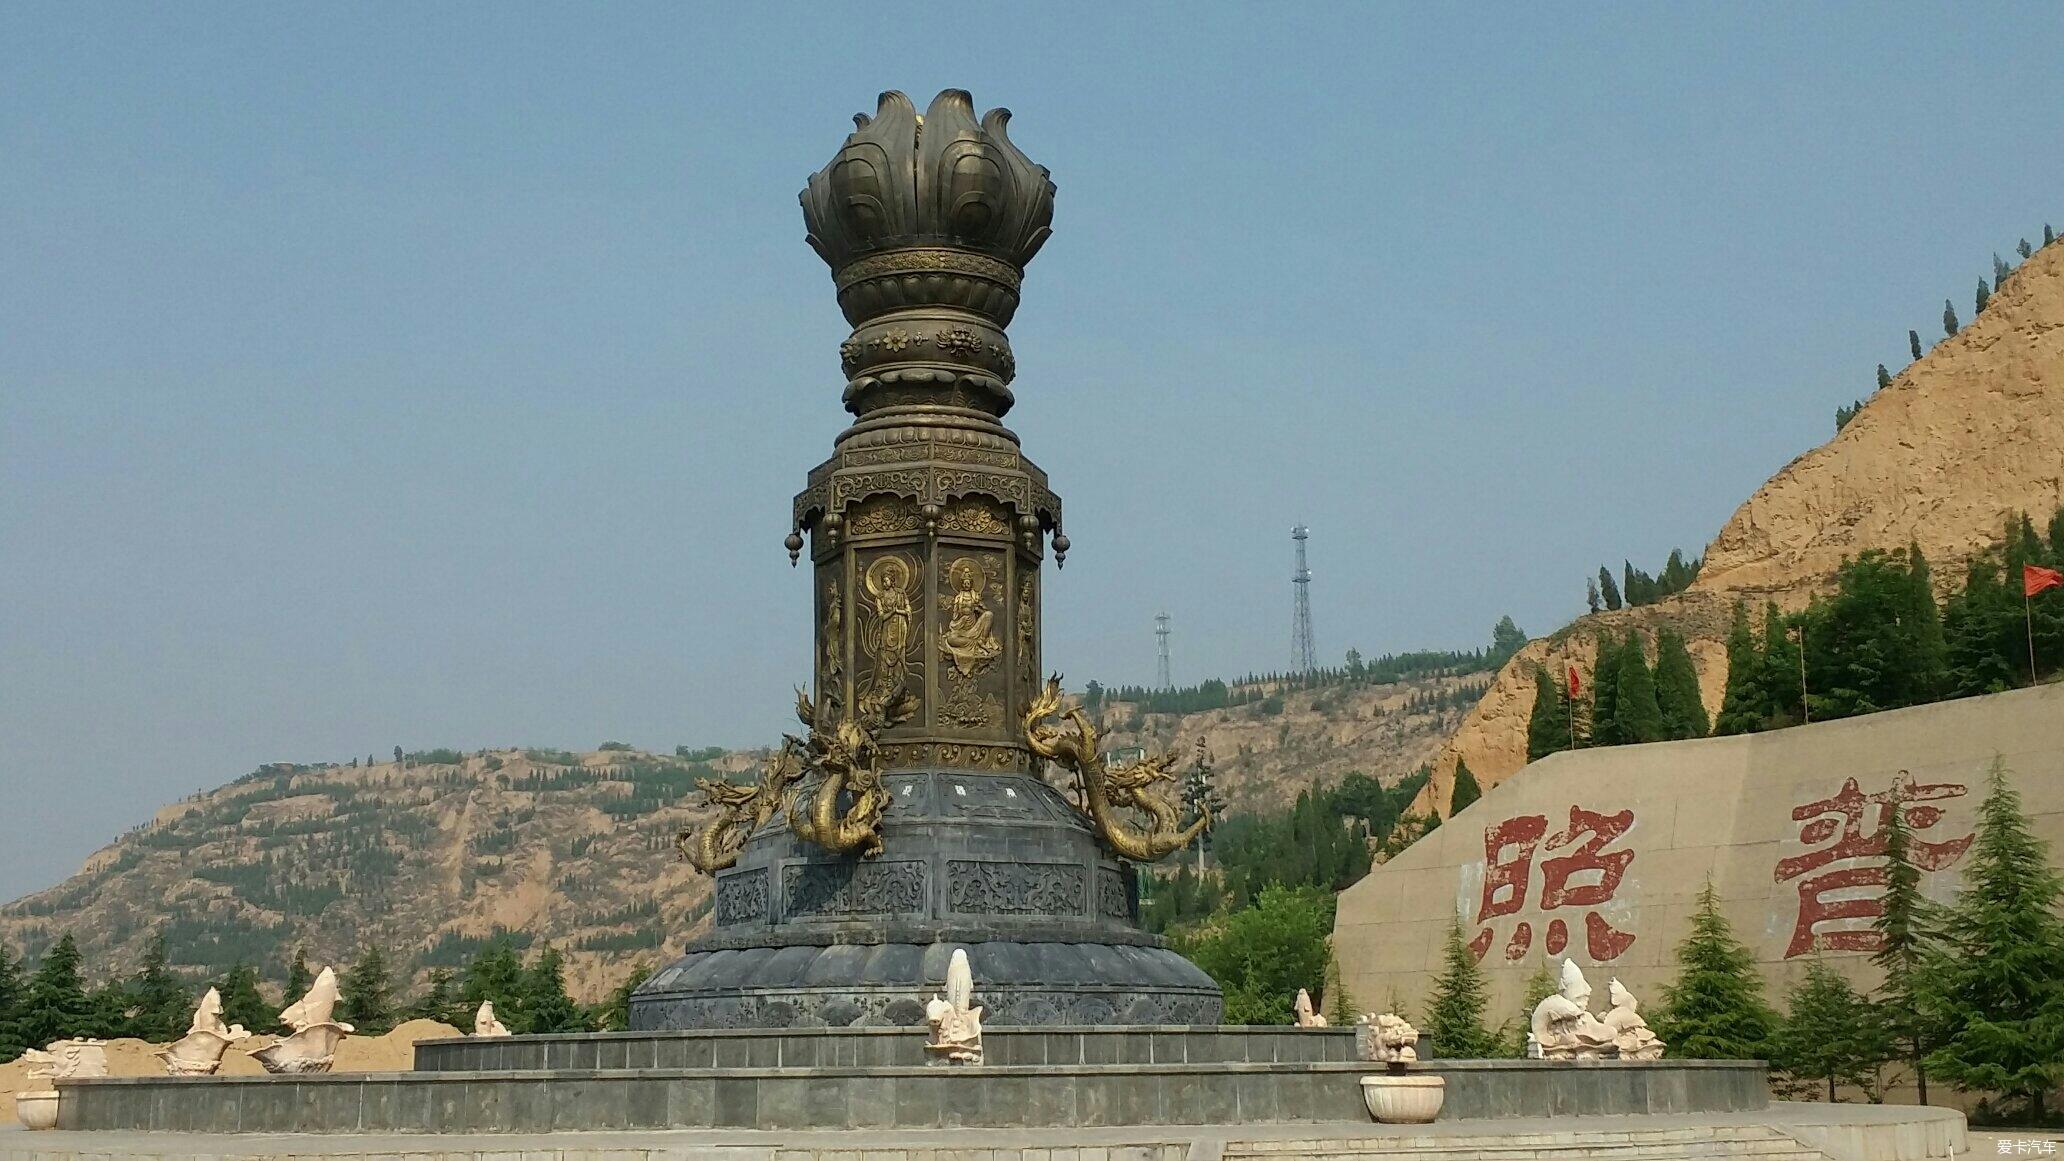 芮城旅游_9月芮城旅游攻略_山西芮城旅游景点_芮城旅游网